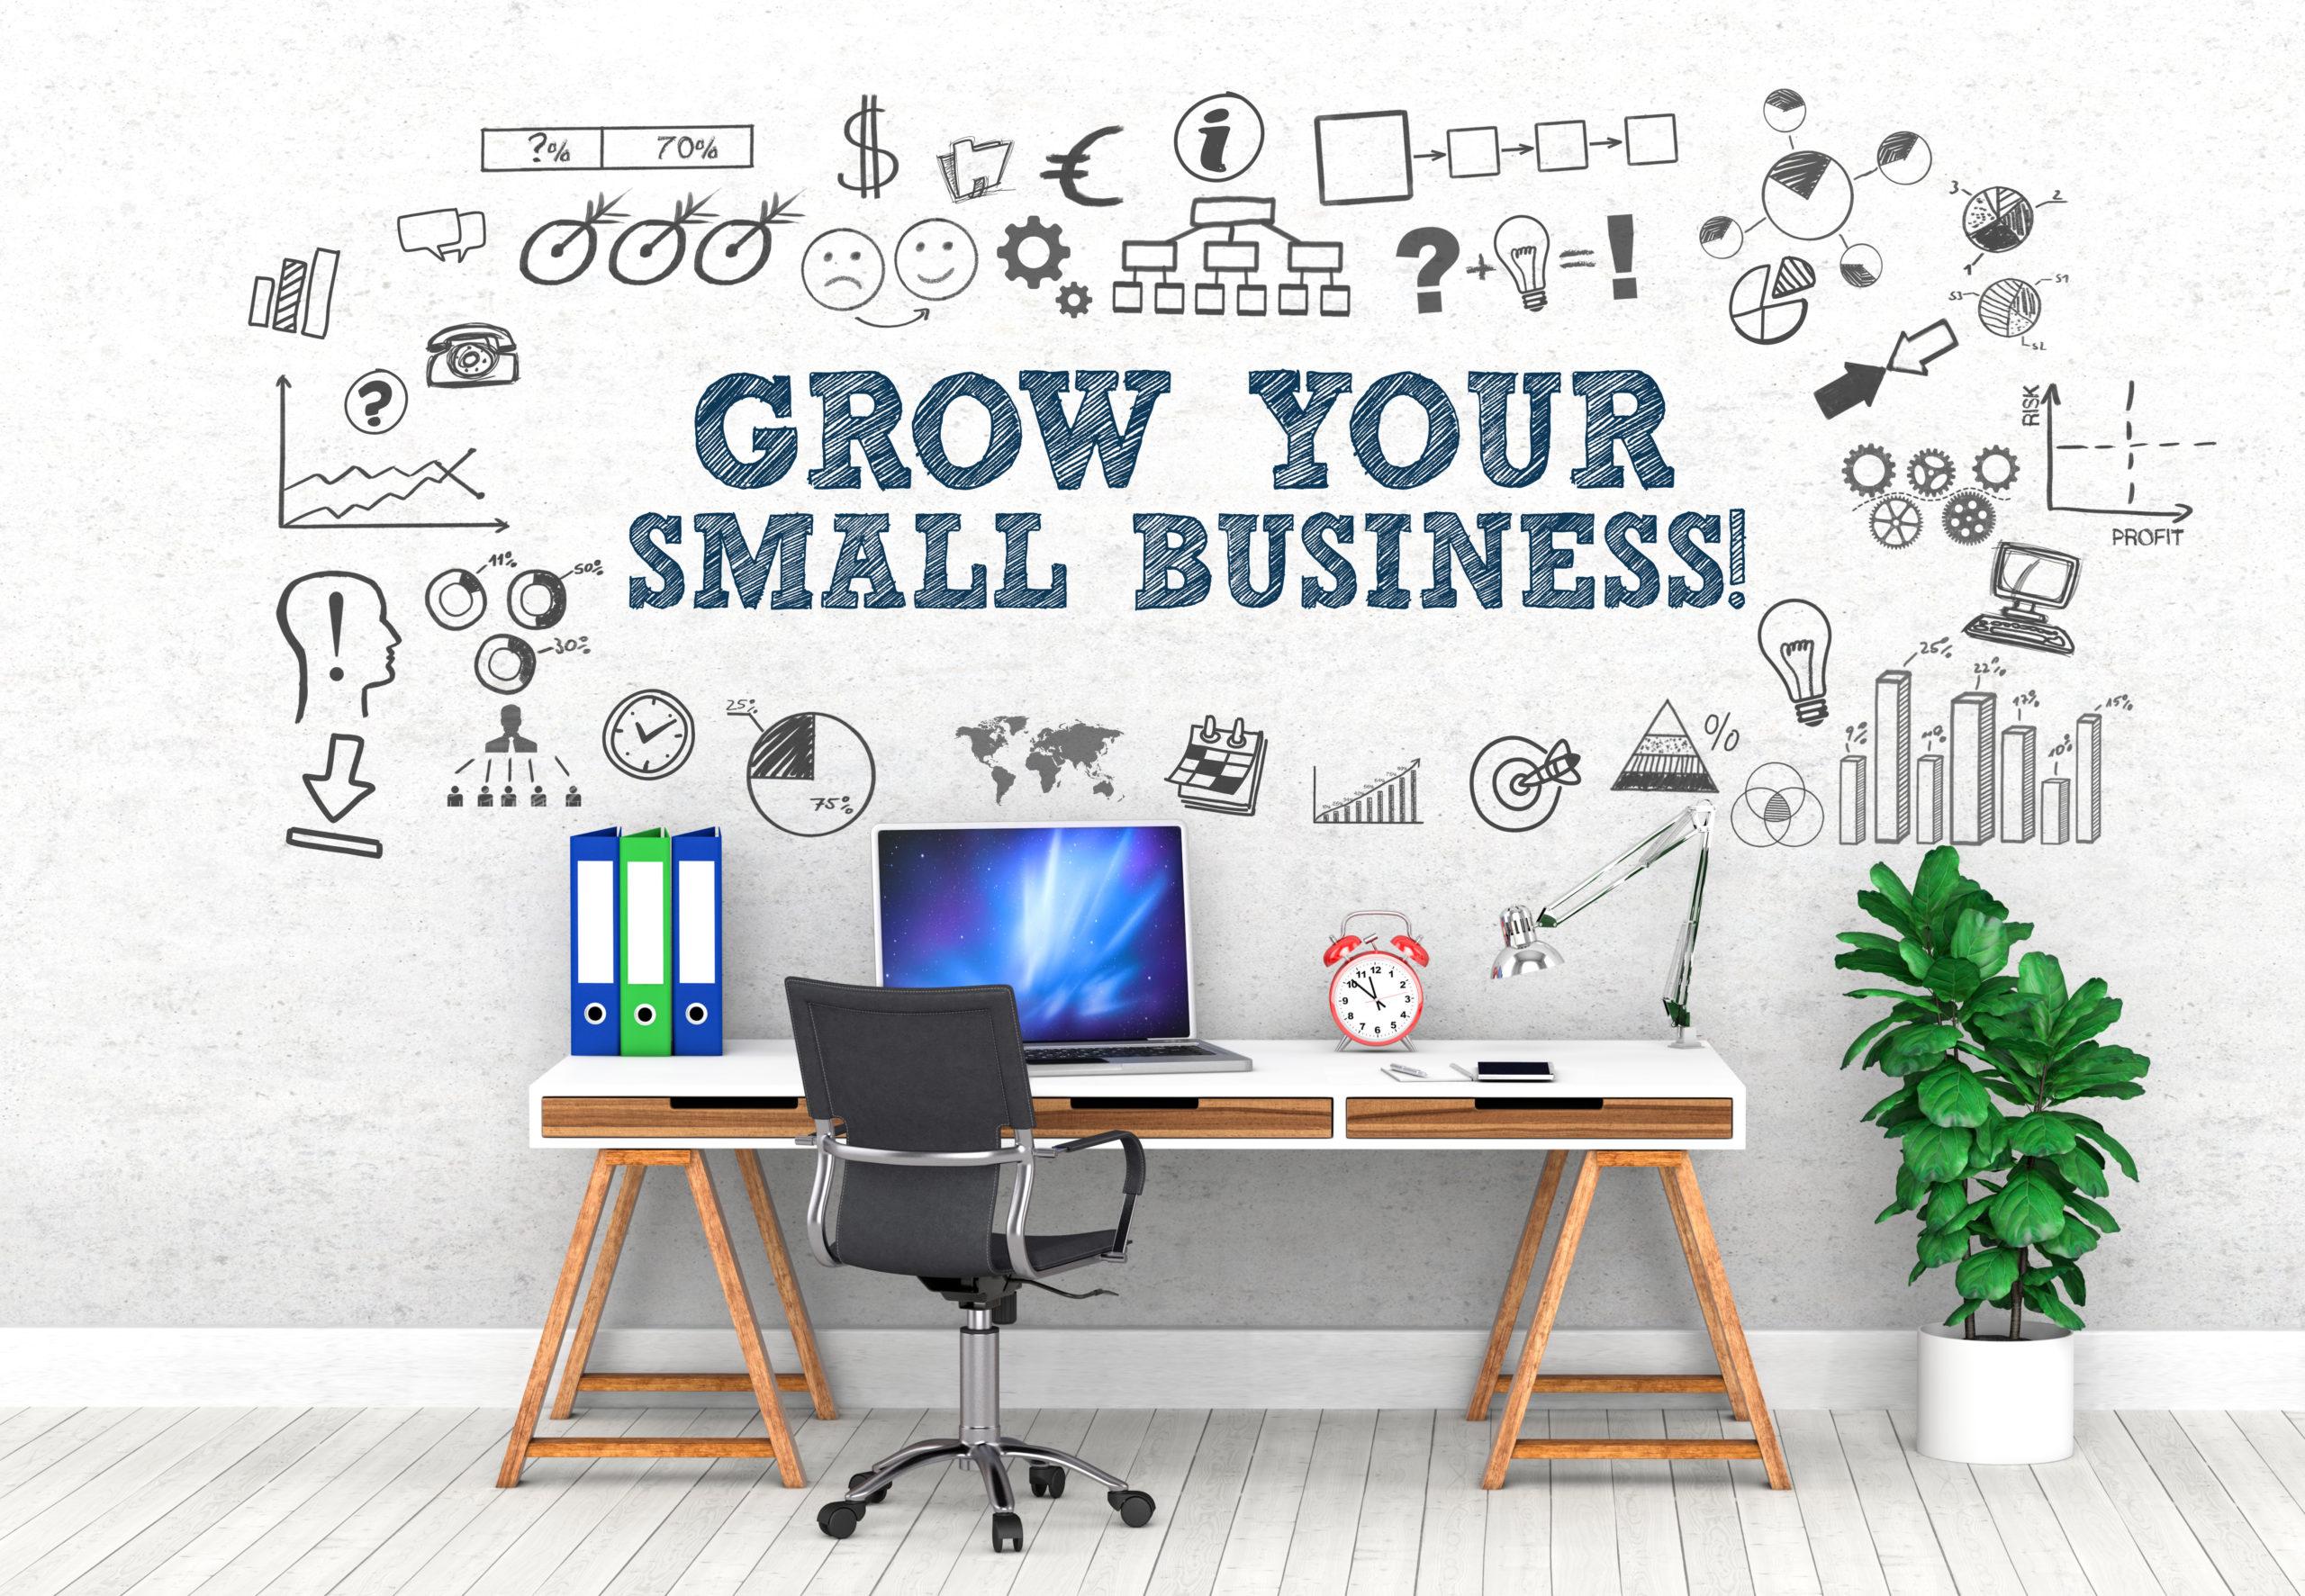 Fleet-Management-Software-Small-Business